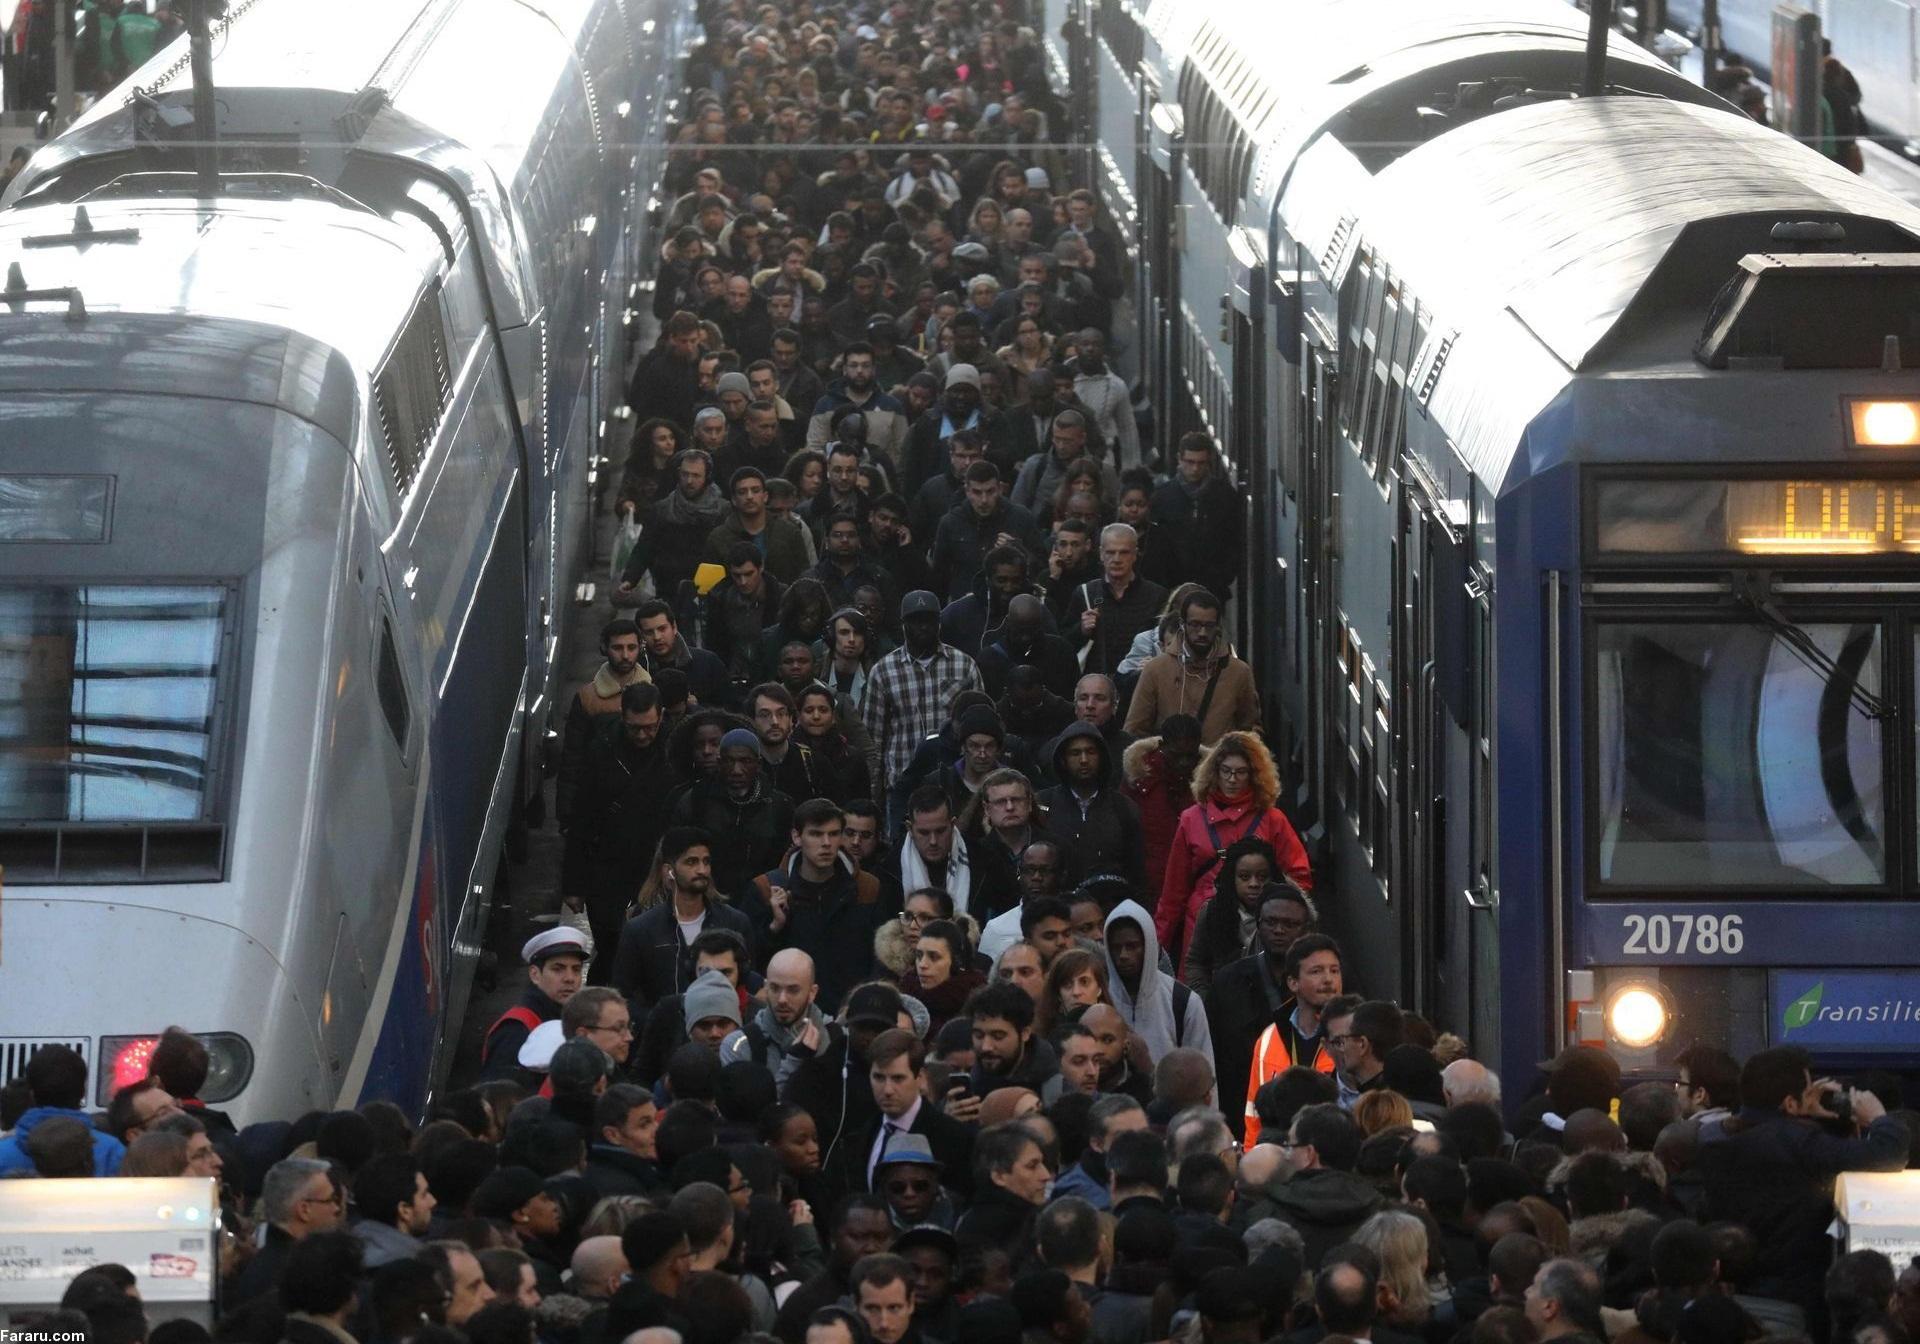 اعتصاب دوباره کارکنان راه آهن فرانسه در پاریس